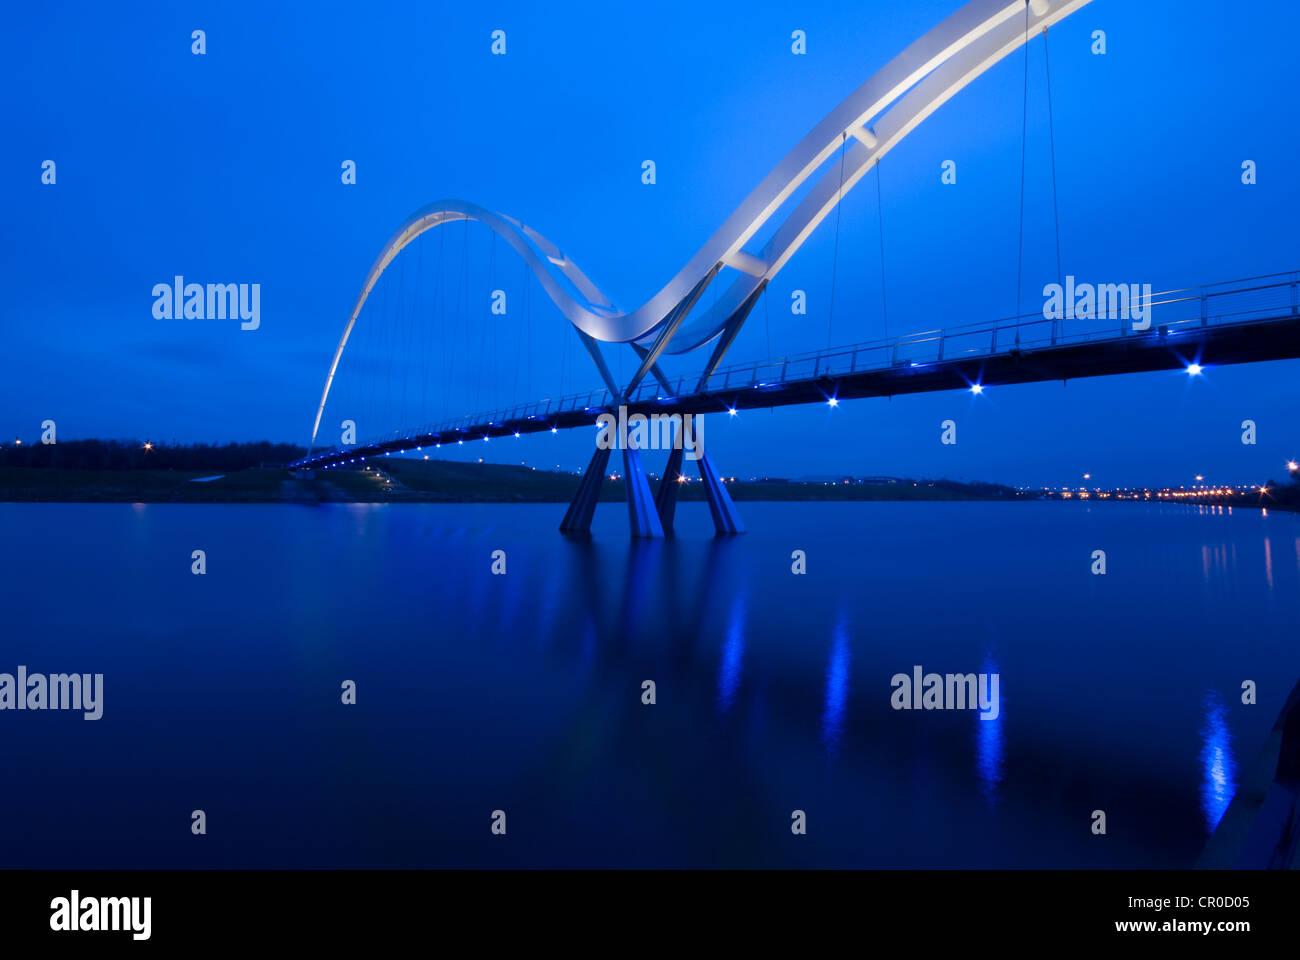 Puente de infinito, Stockton on Tees, Cleveland. Reino Unido GB Foto de stock